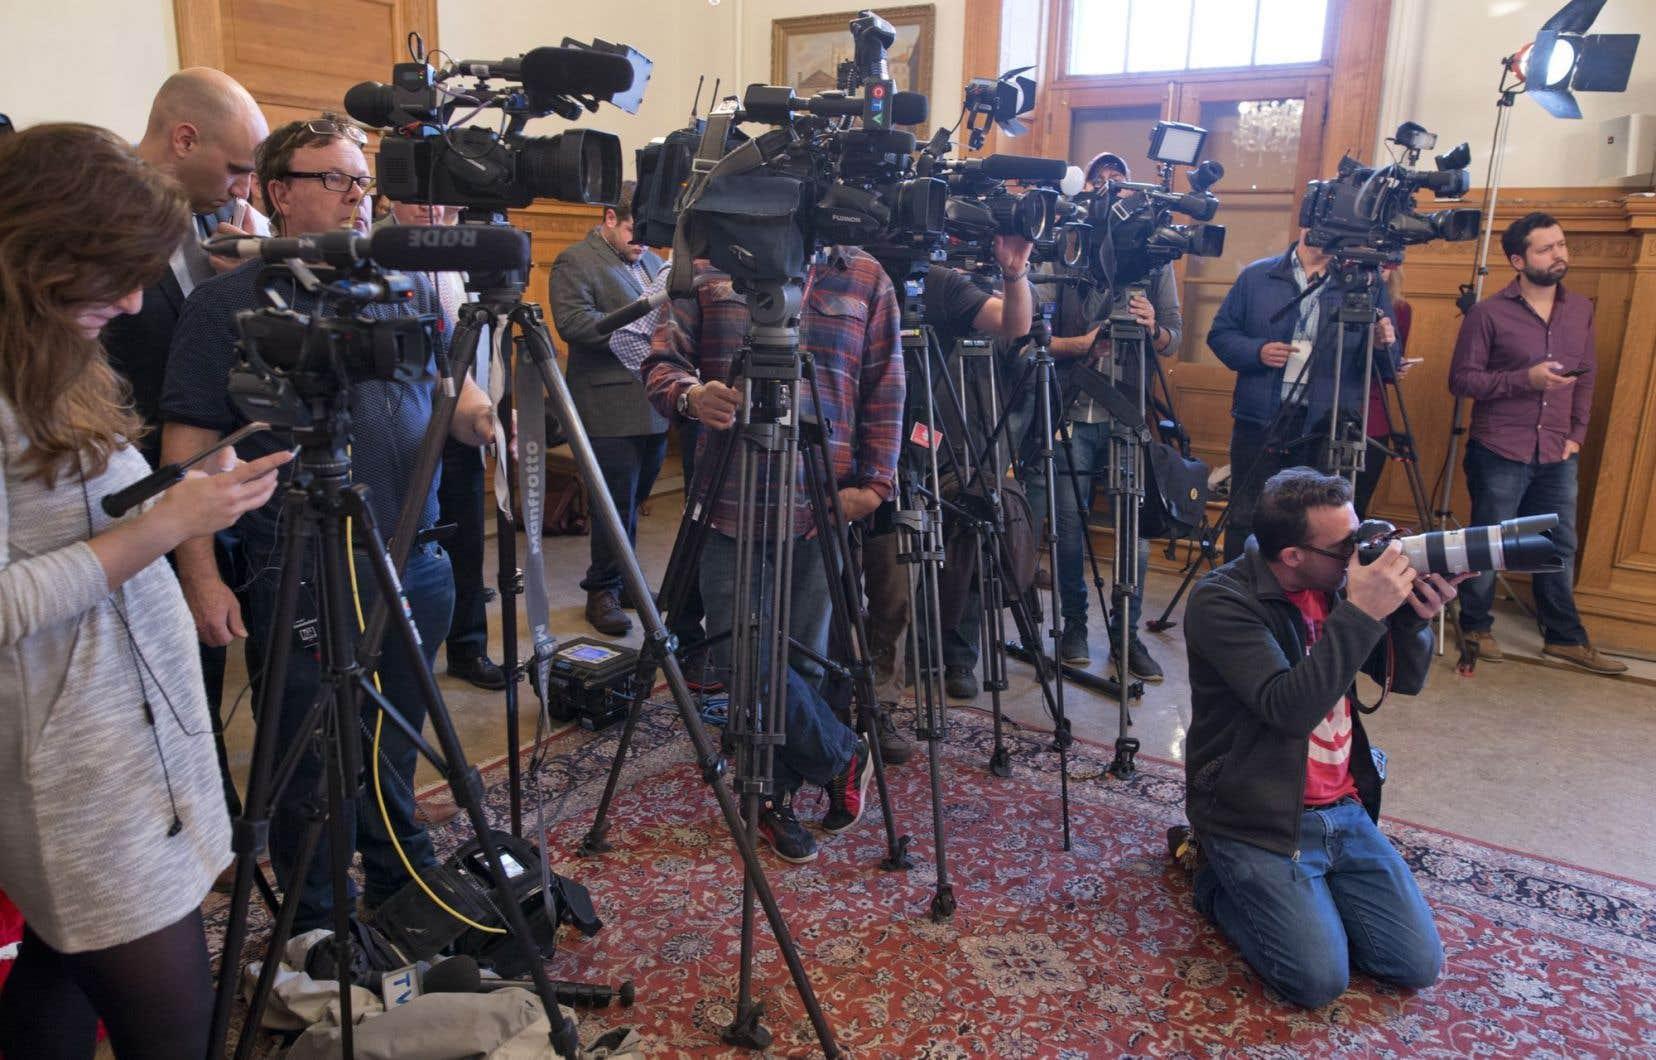 Un coup de sonde effectué auprès de 1000 Canadiens révèle que 83 % d'entre eux croient que le phénomène des fausses nouvelles rend de plus en plus difficile la distinction entre les informations légitimes ou illégitimes.